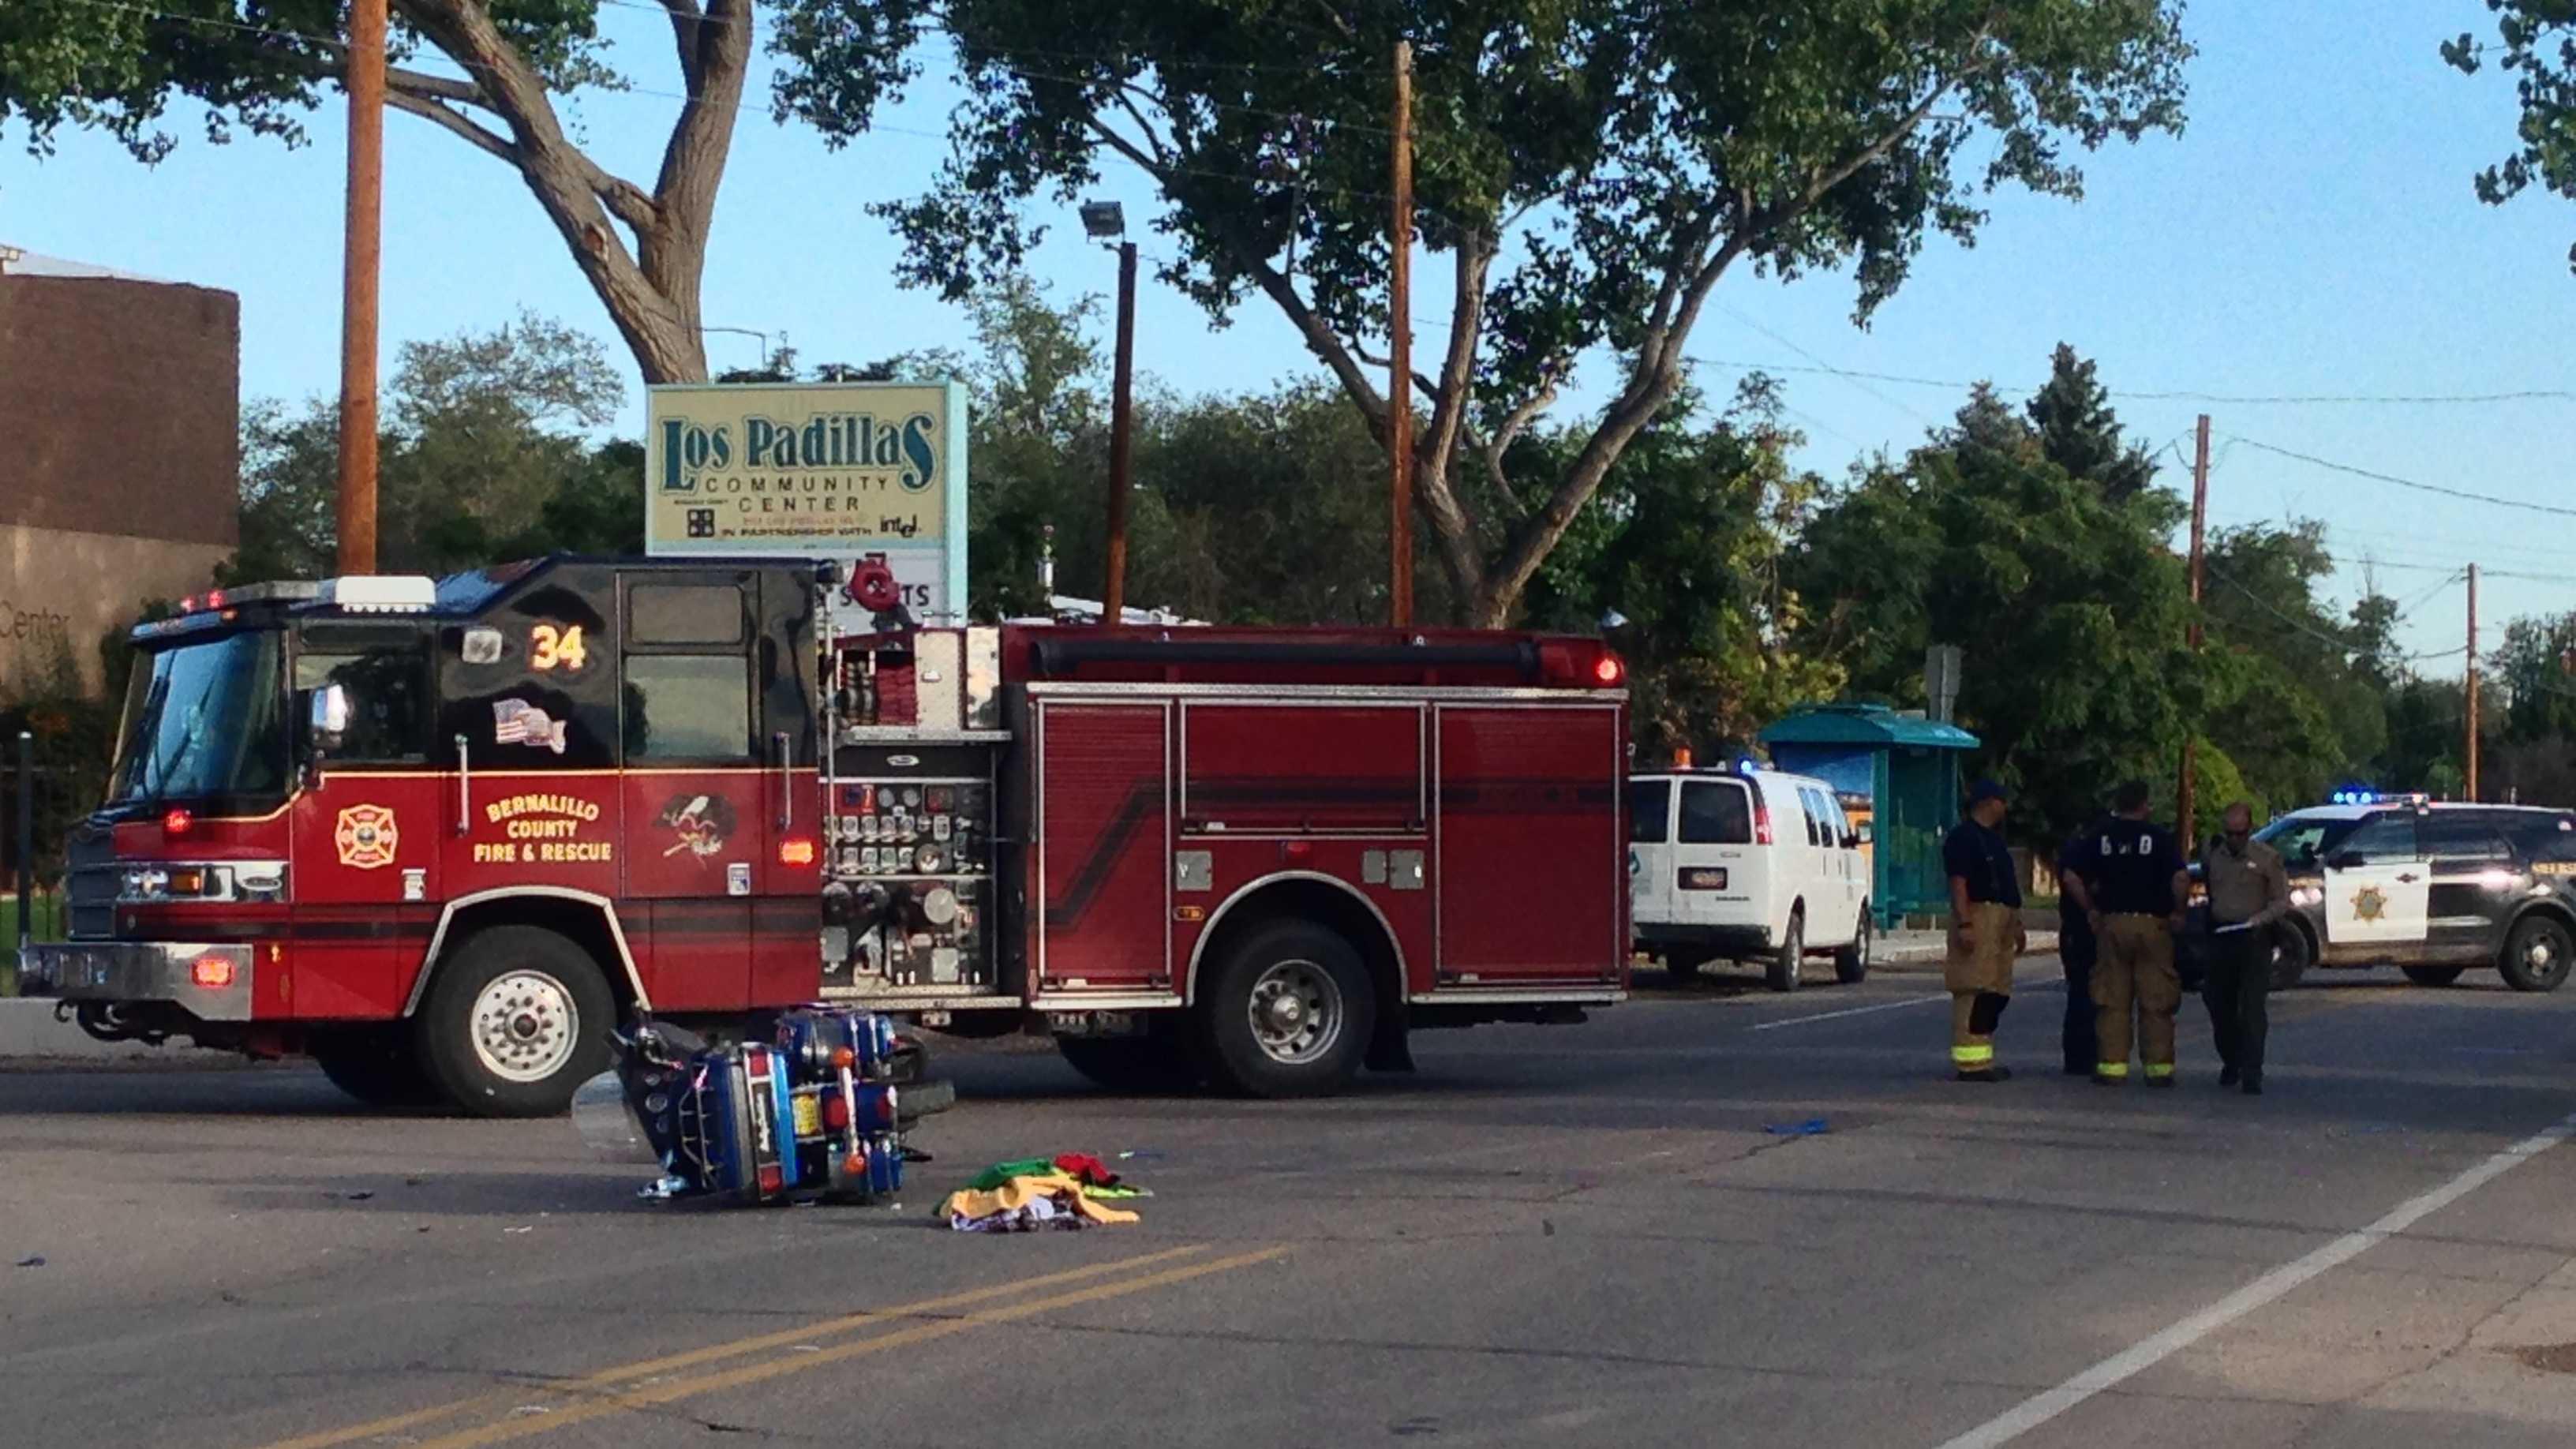 Motorcycle Crash at Isleta and Los Padillas Sept. 16, 2013